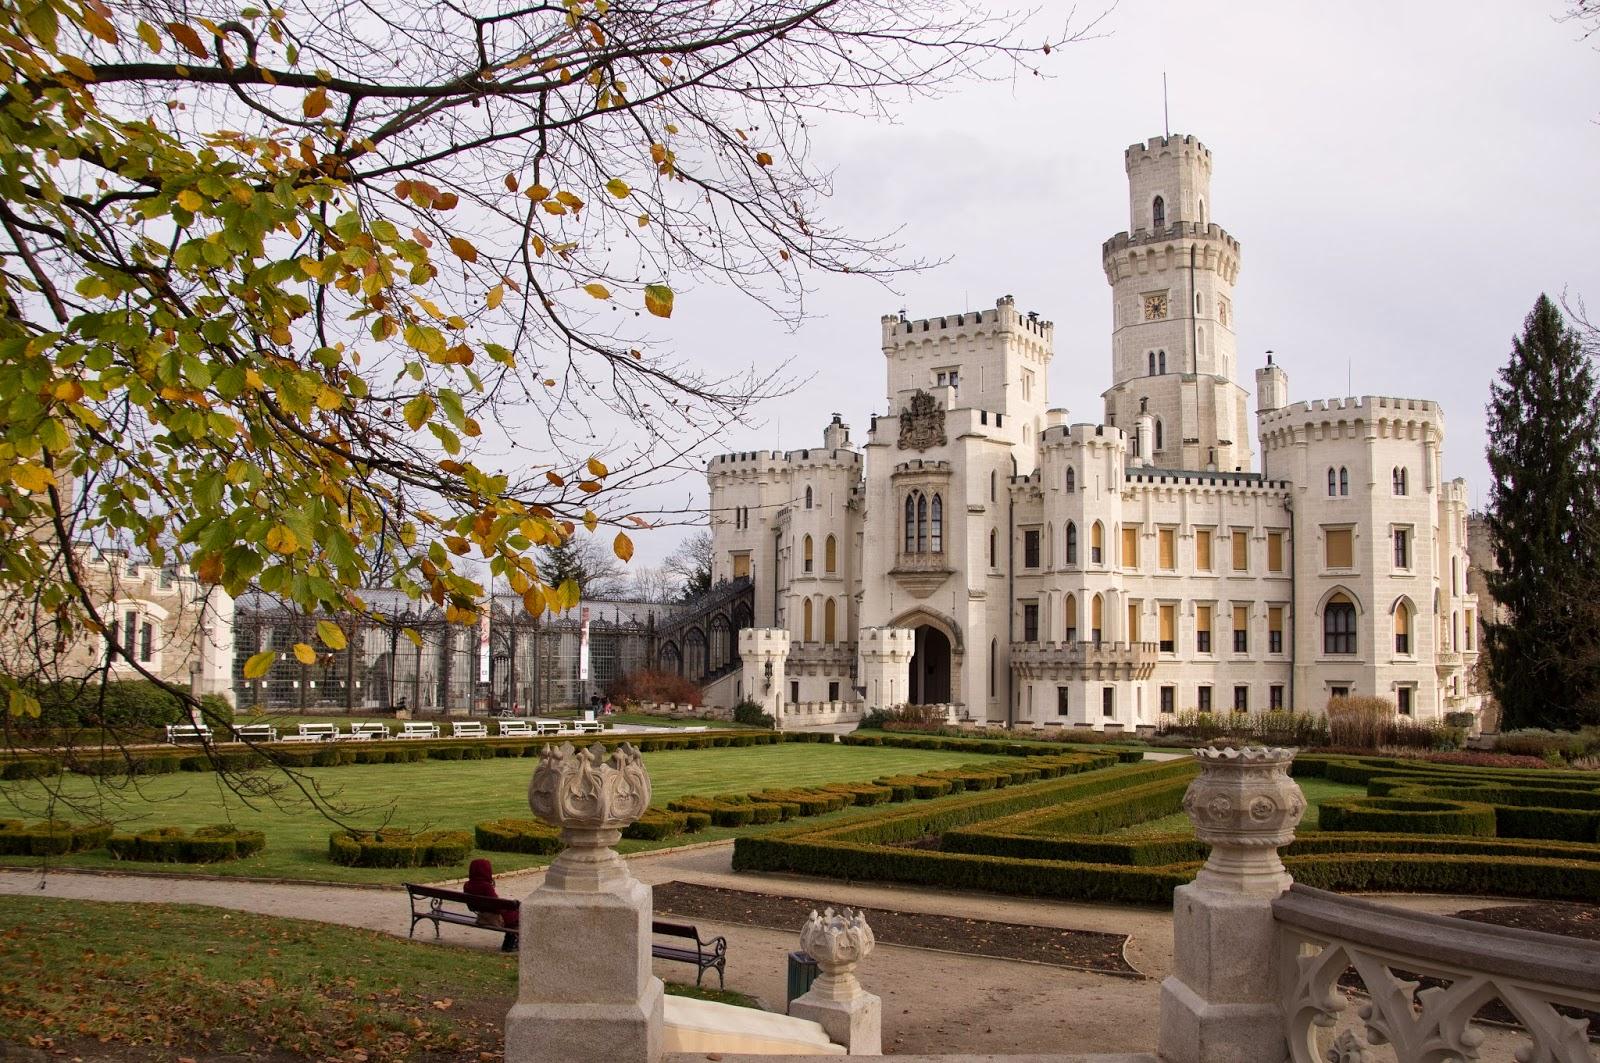 nad vltavou castle - photo #5